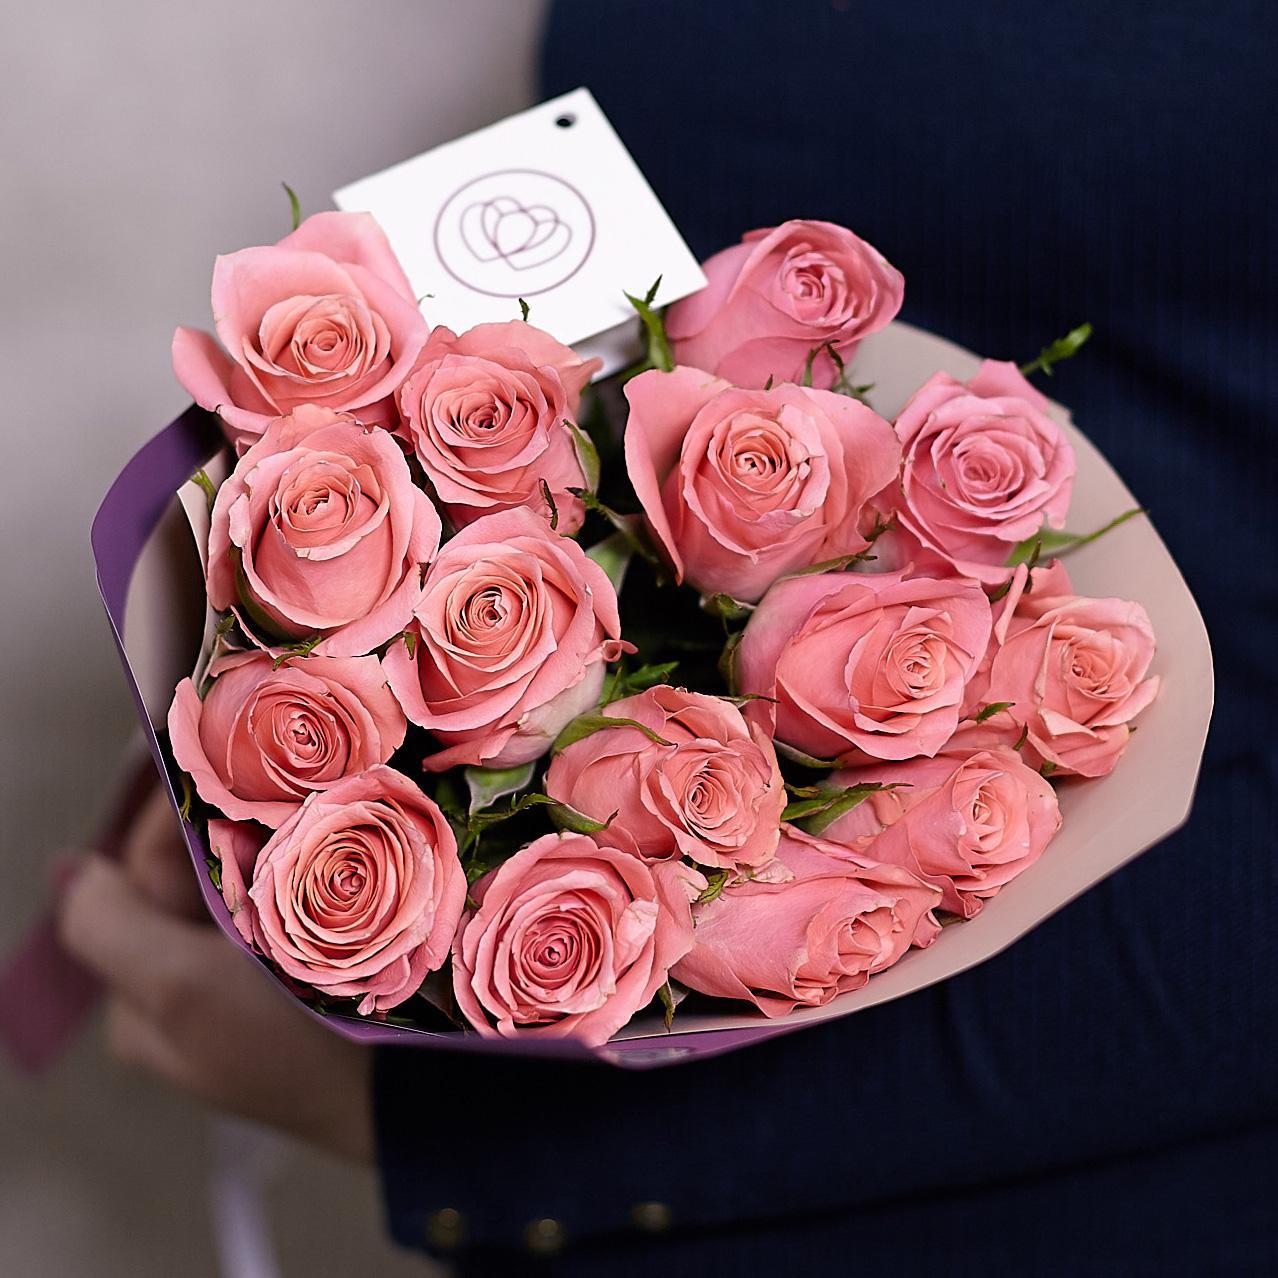 Букет из 15 розовых роз 40 см Premium в дизайнерской пленке фото